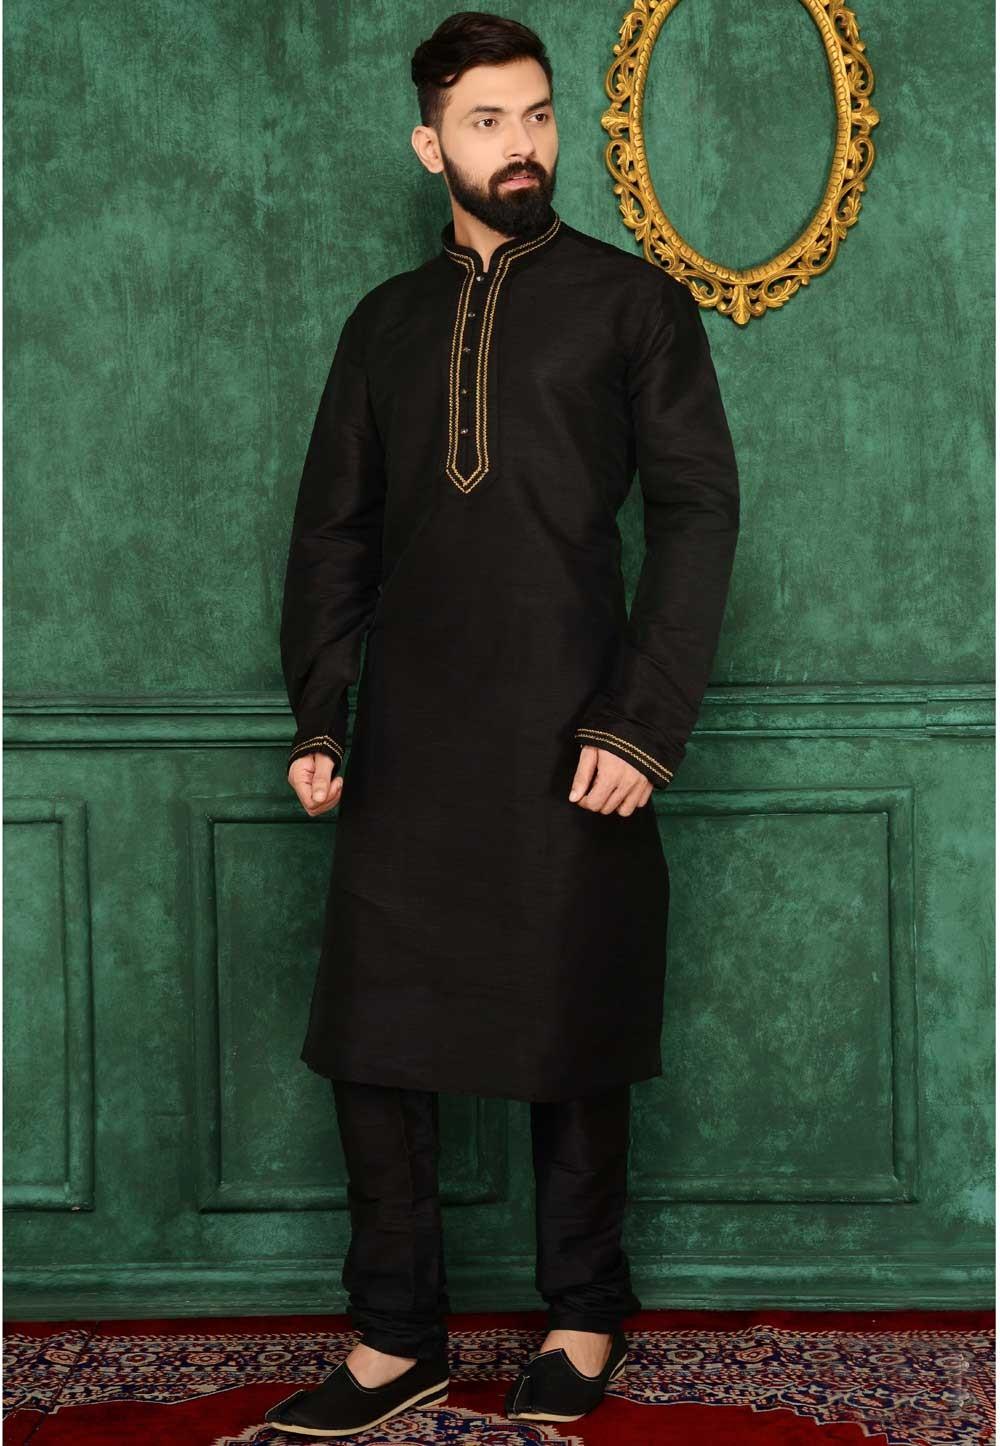 Exquisite Banarasi,Art Silk Black Color Men's Readymade Kurta Pajama.